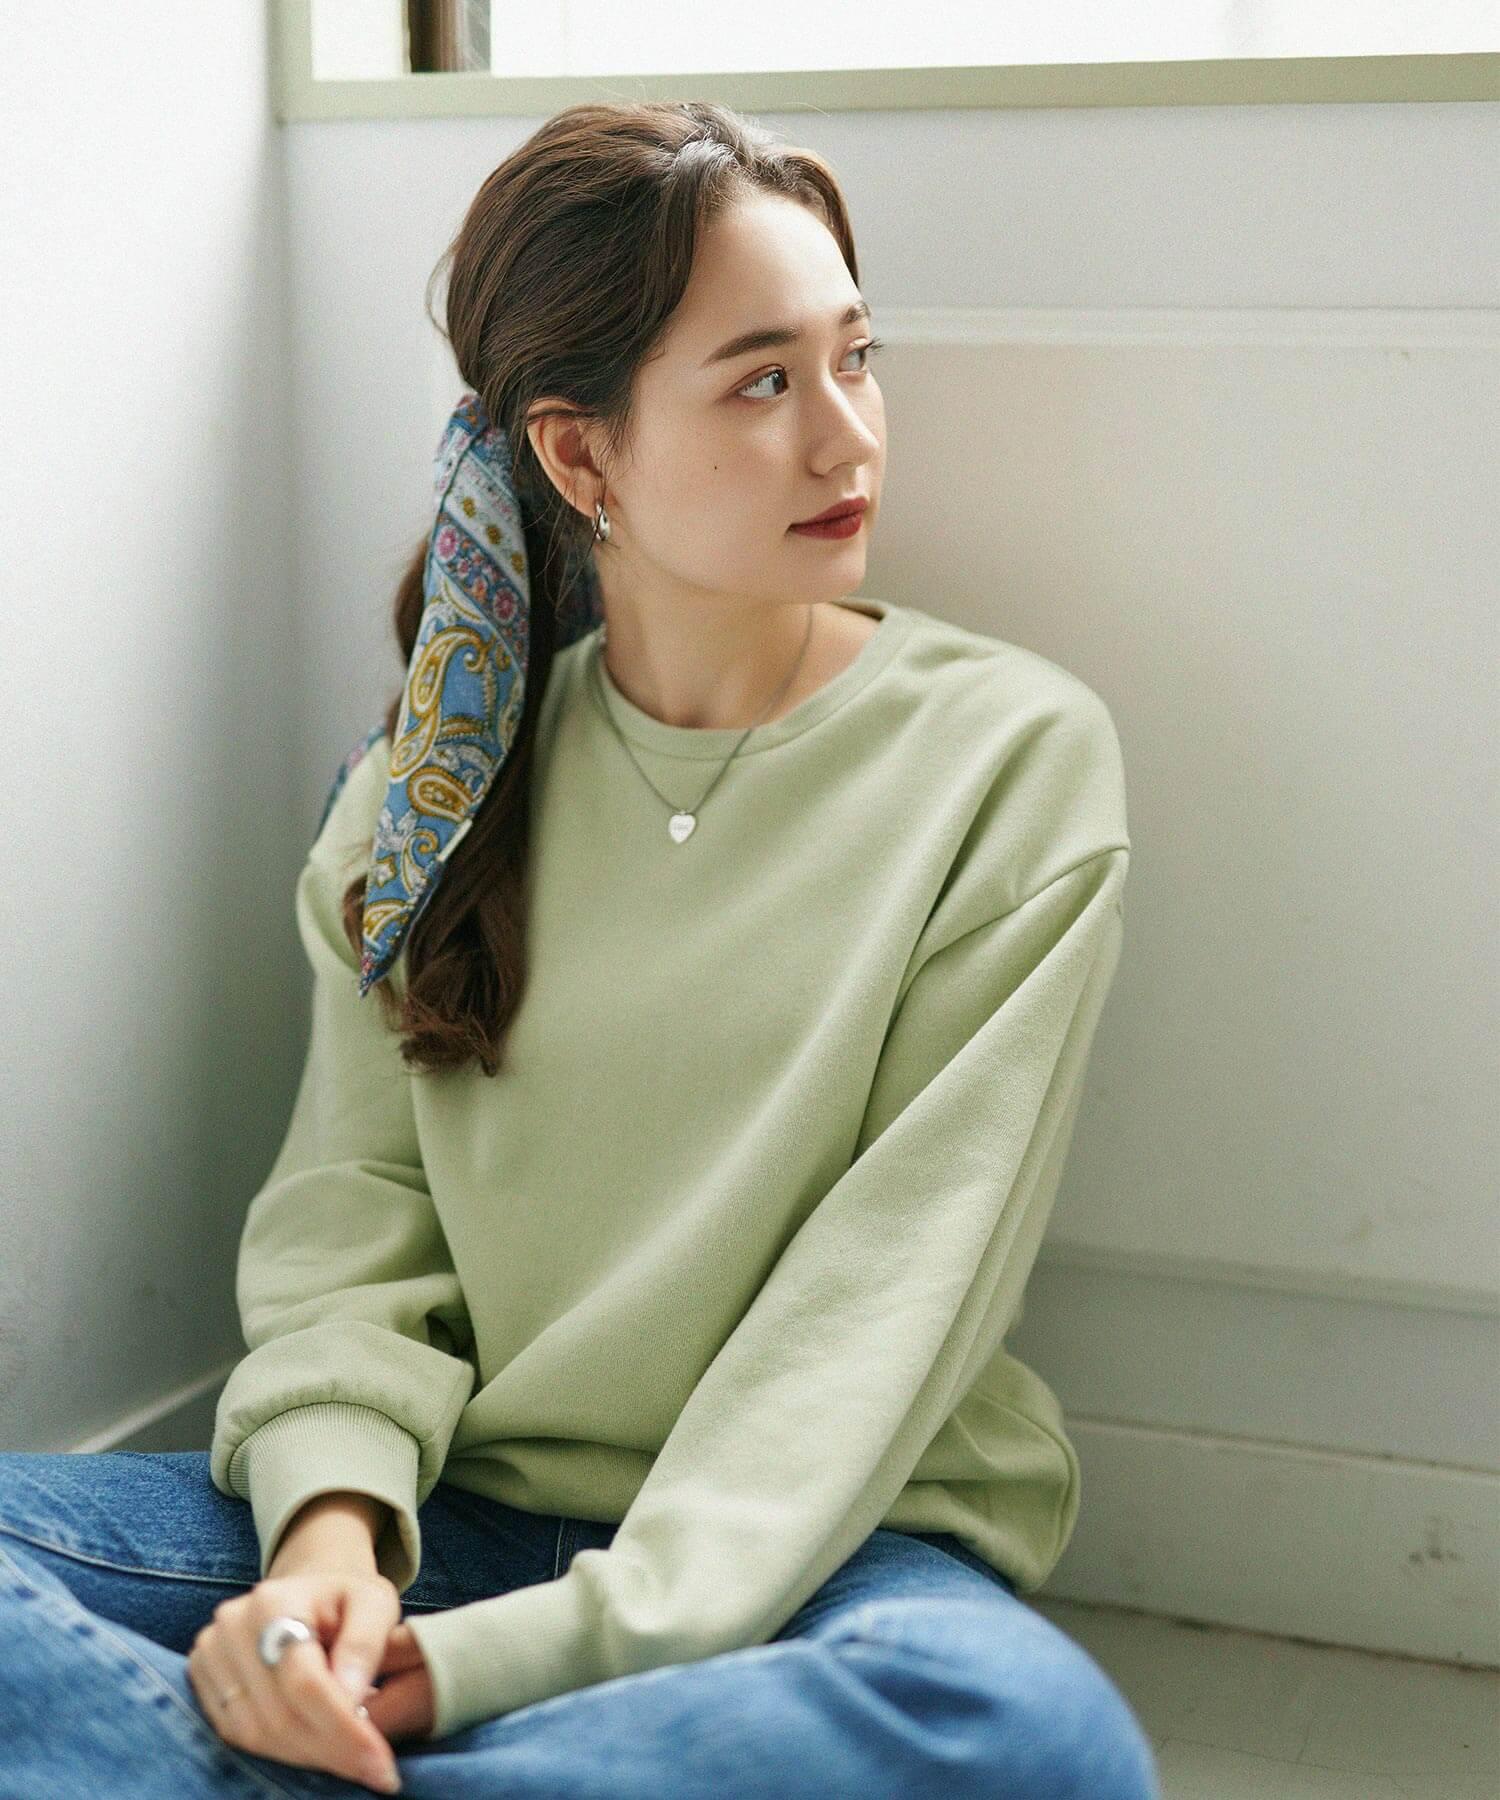 プルオーバー ユニセックス 袖刺繍 Airi Kato Tina×mimi toujours 全4色 mtj512-0343